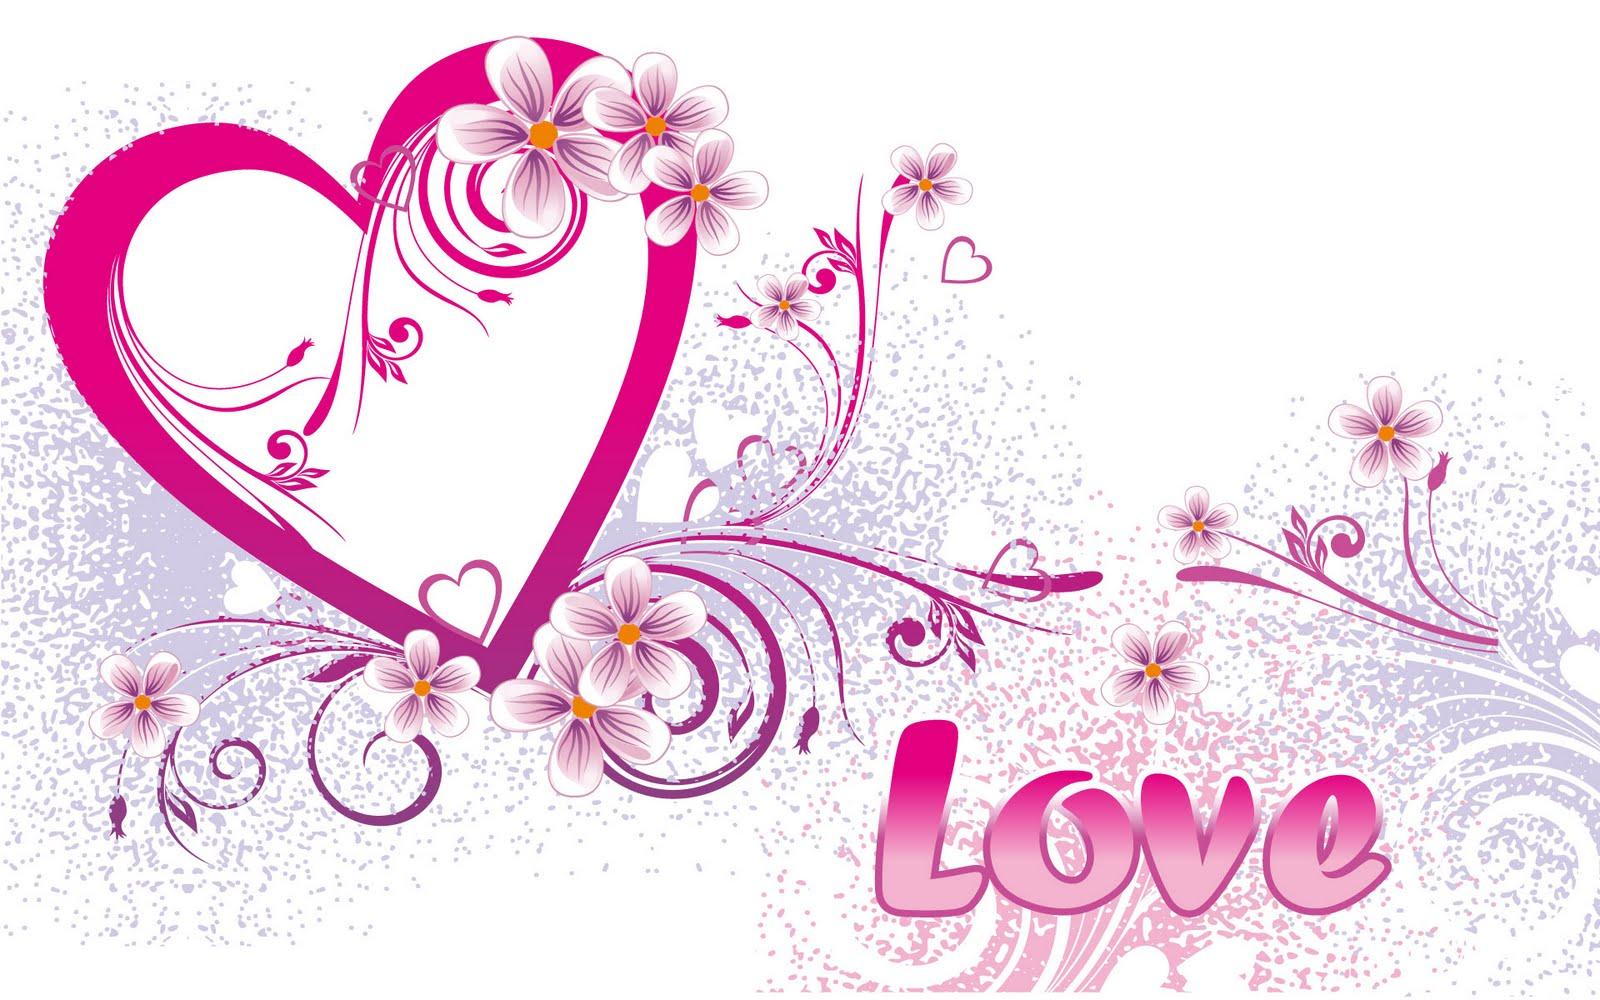 http://2.bp.blogspot.com/-xeD6VFyIGnQ/TeZF_7kKEaI/AAAAAAAAAWc/AL6krL4Flgc/s1600/valentines-day-wallpaper-236%255B1%255D.jpg